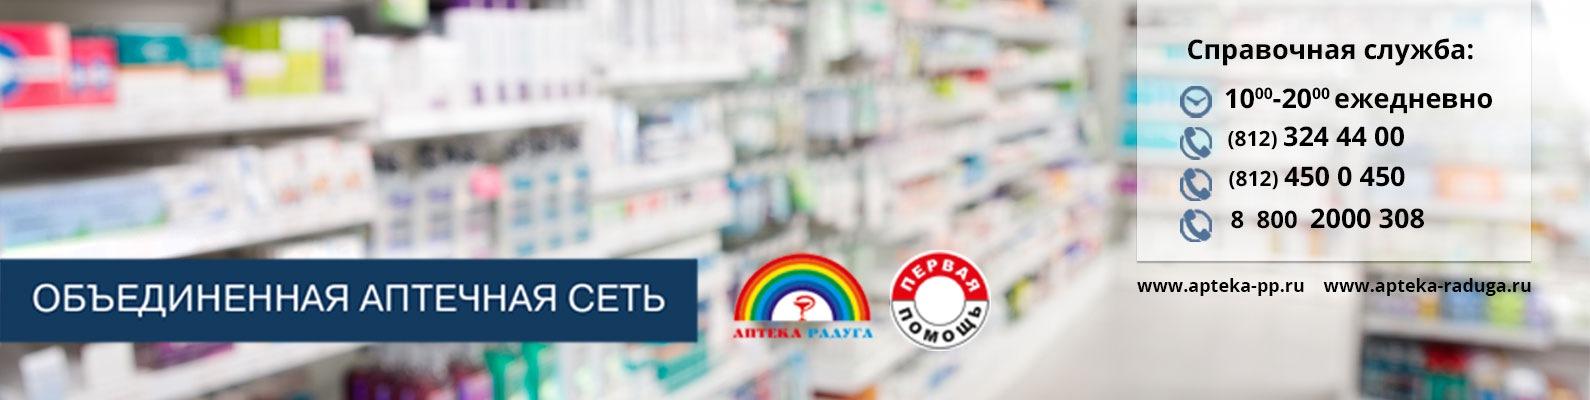 Петербургские аптеки справочная служба